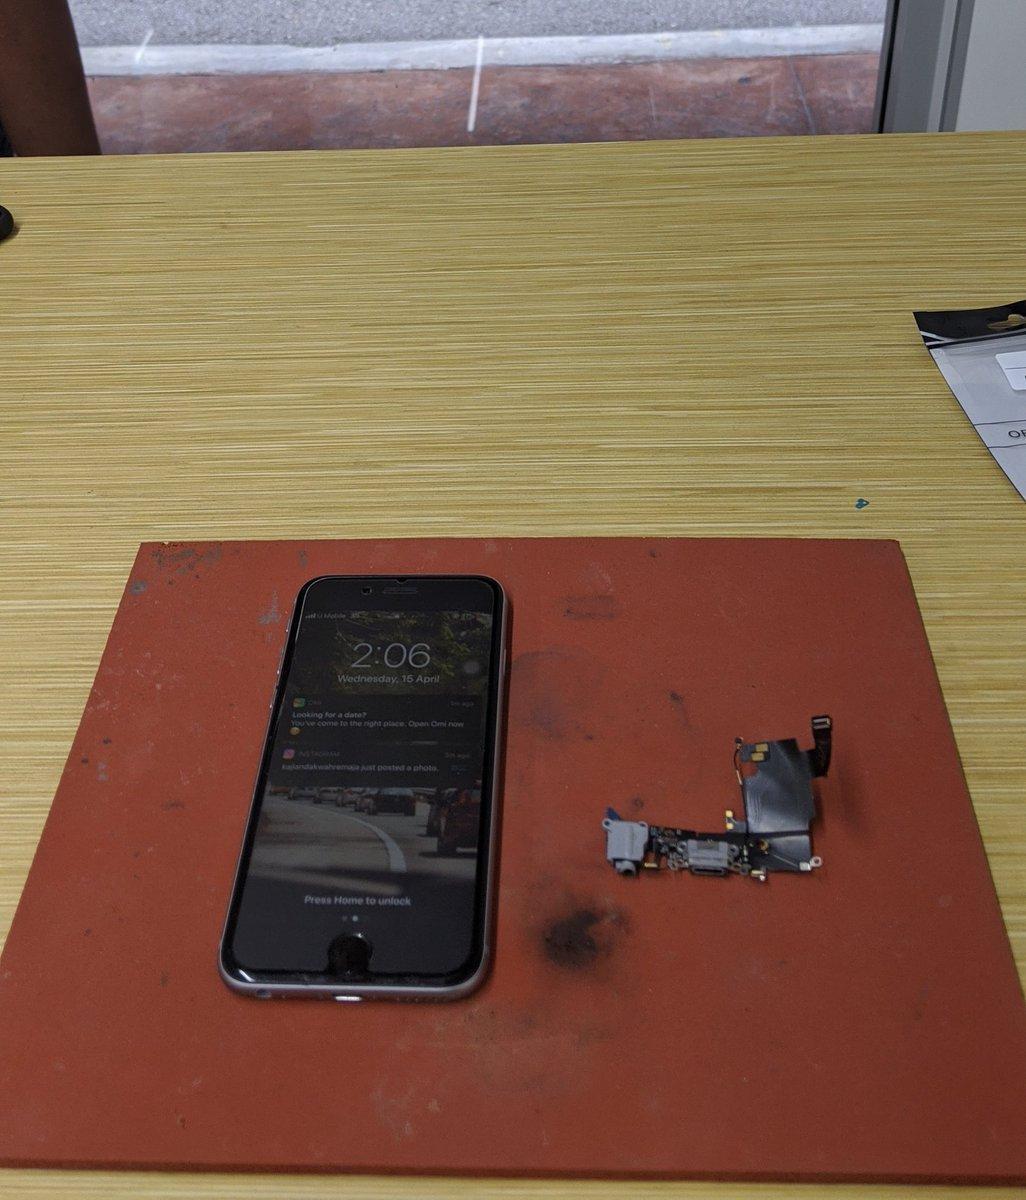 Siapa nak repair phone urgent BERJAUHAN boleh BY POS ke rumah saya  . ATAU berdekatan dgn DAMANSARA DAMAI boleh dtg terusatau BY runner LALAMOVE . Pm / whatsapp . http://www.wasap.my/60102381343 . #RepairAtHome #JagaJarakanda #repairphone #repairhandphone #repairiphone #repairandroidpic.twitter.com/t9ahubuJMS